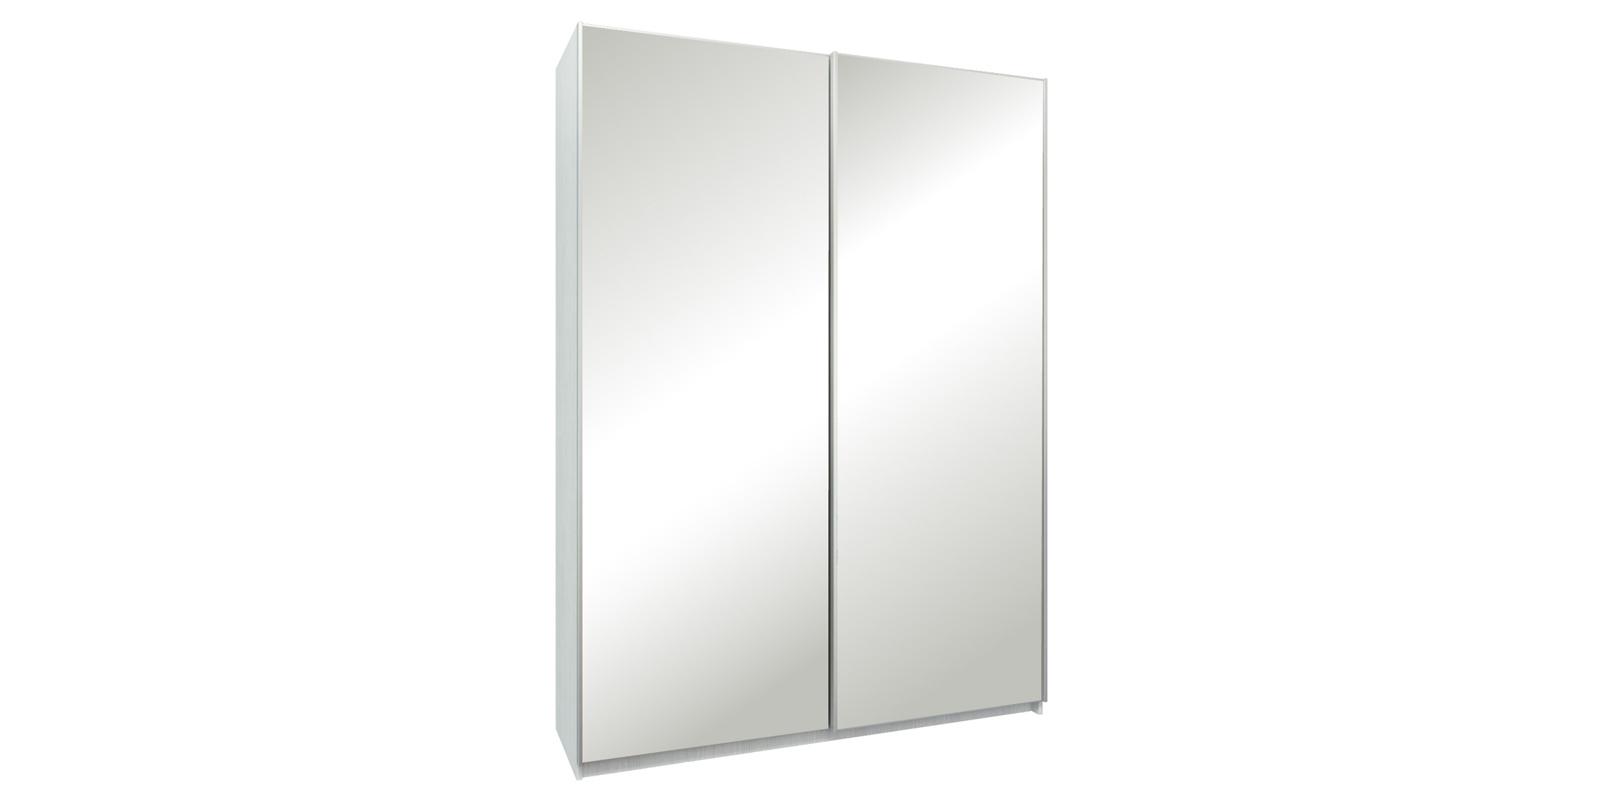 Шкаф-купе двухдверный Лофт 165 см (белый/зеркальный)